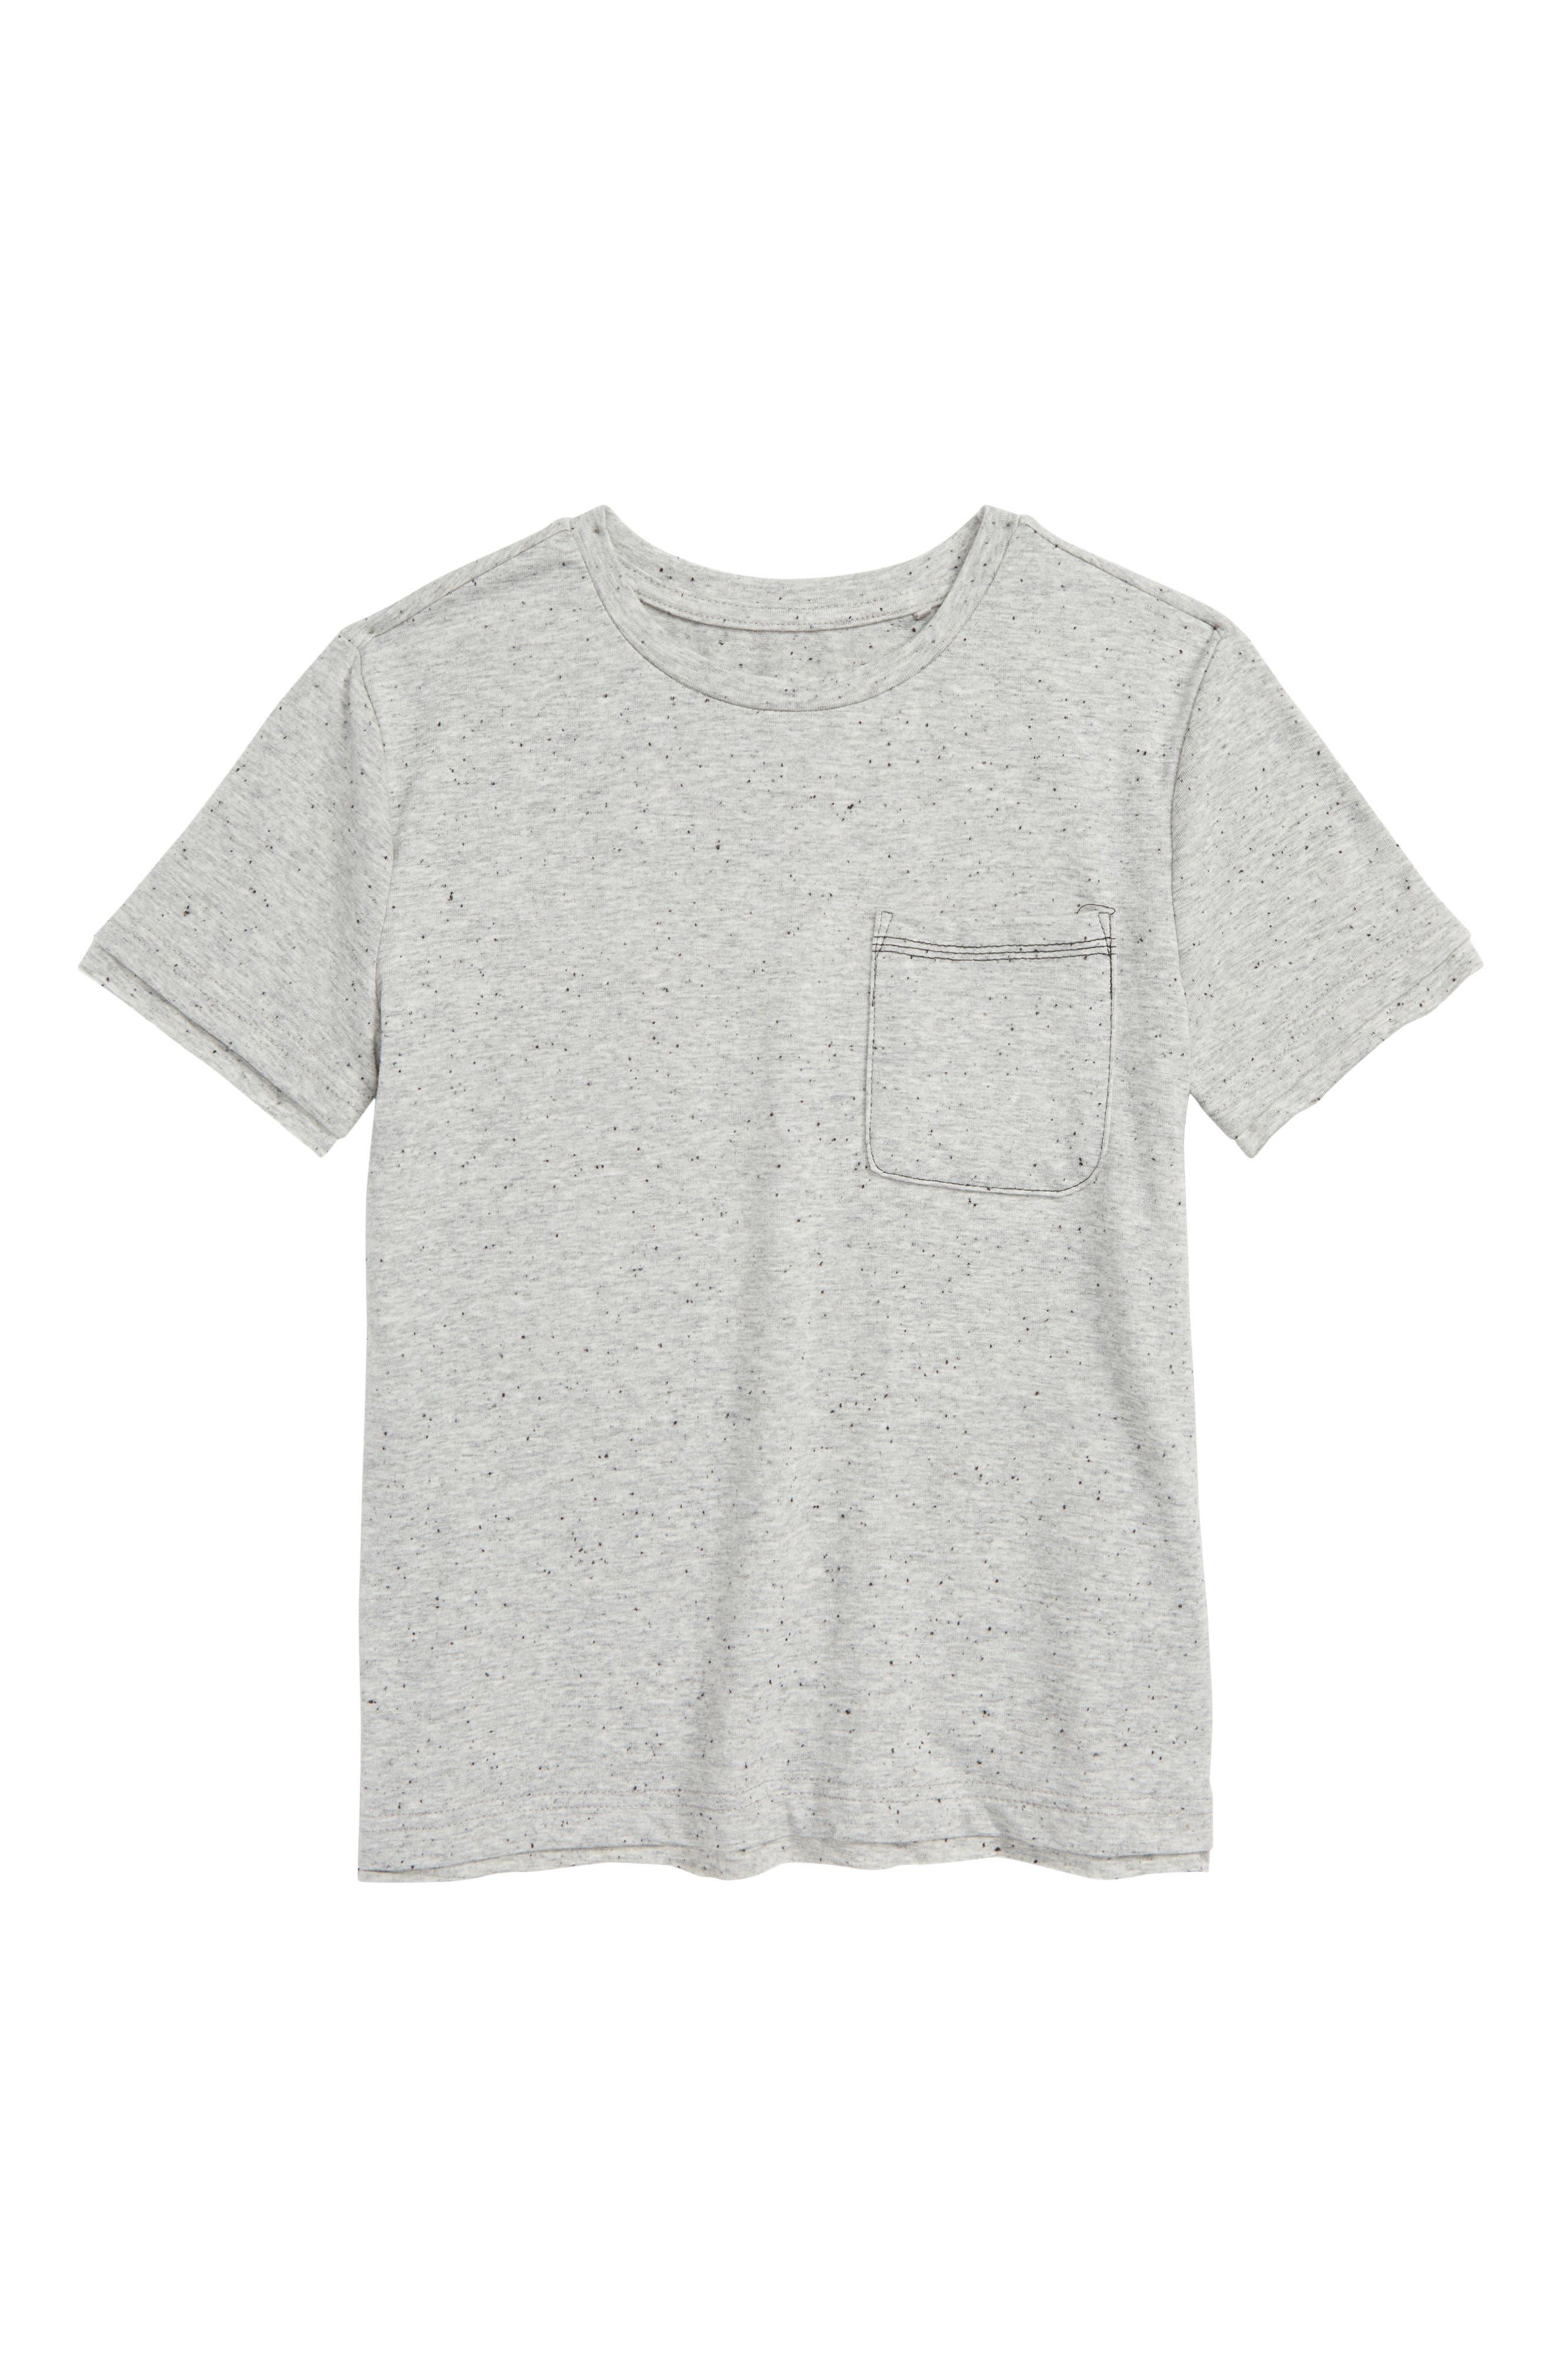 Image of HUDSON Jeans Pocket T-Shirt